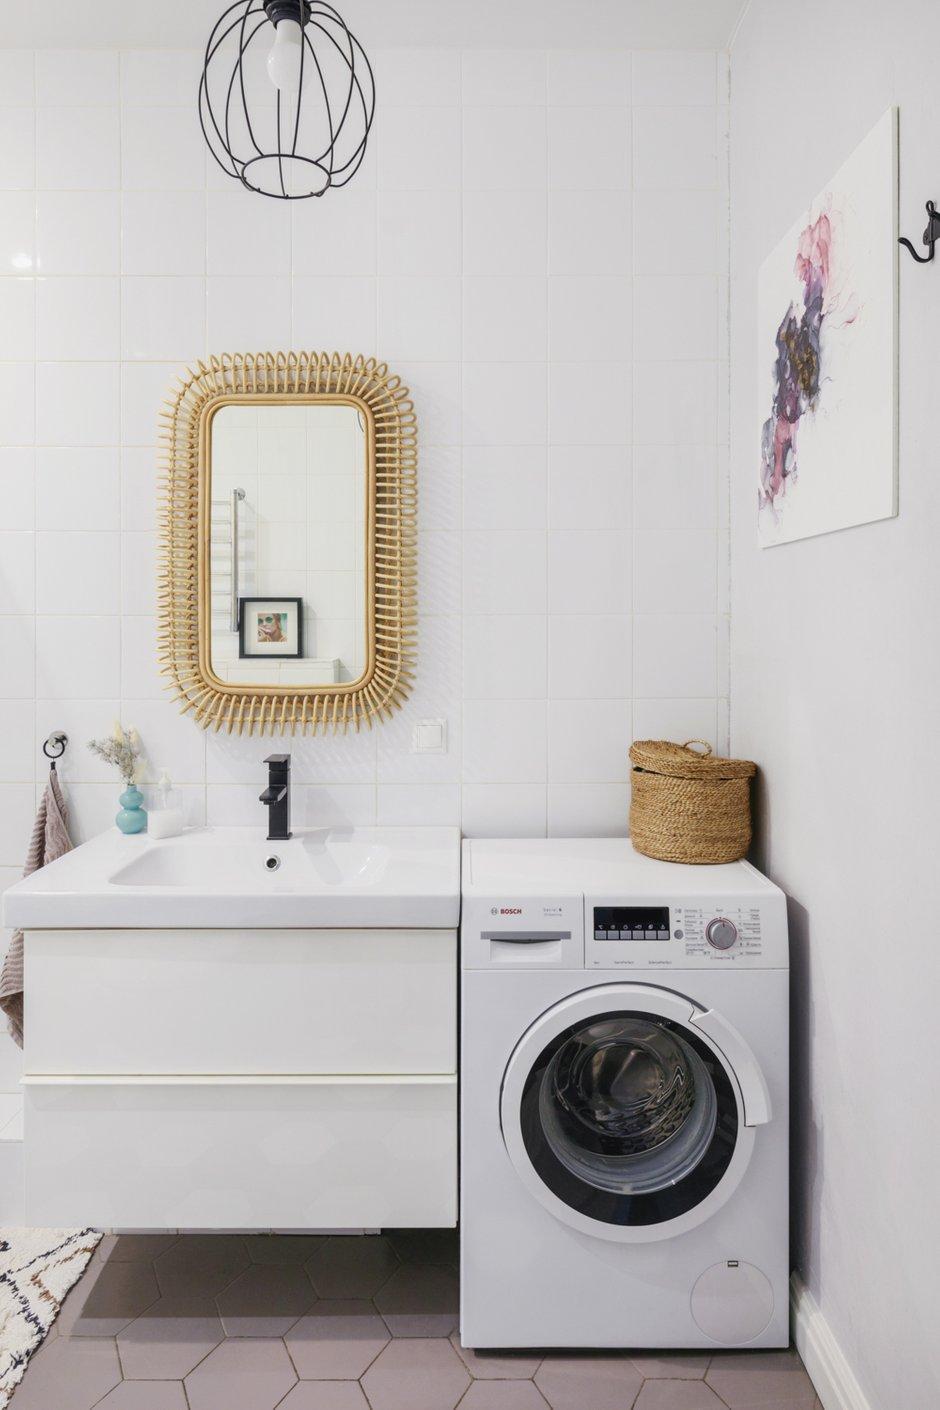 Фотография: Ванная в стиле Скандинавский, Проект недели, Samsung, Таунхаус, 4 и больше, Спецпроект, интерьерный холодильник, интерьерная микроволновая печь – фото на INMYROOM